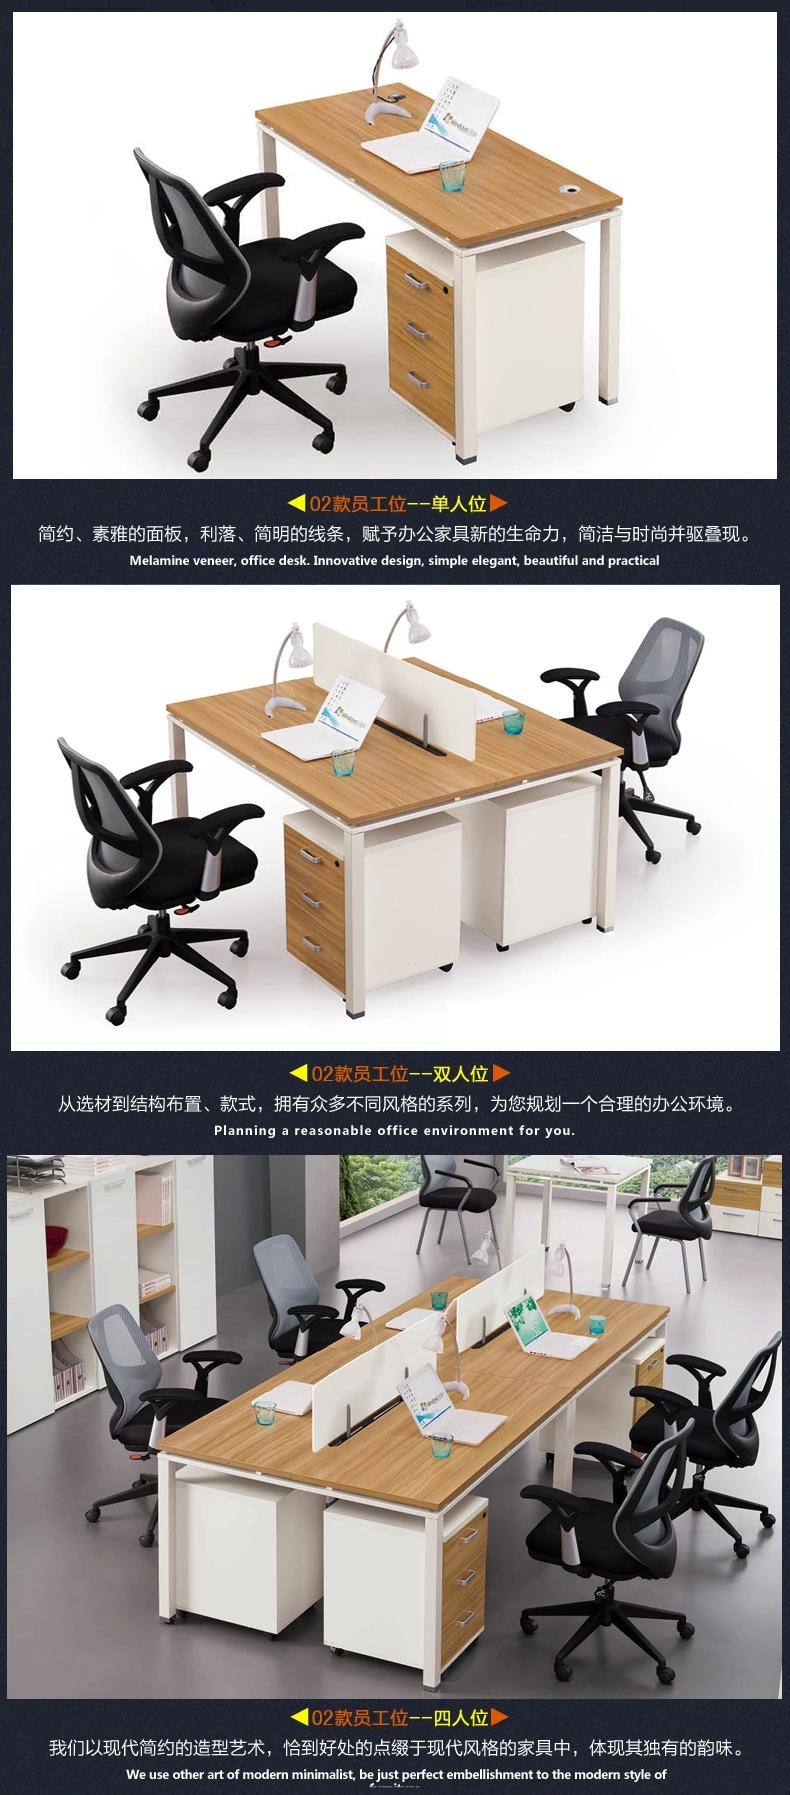 офисная мебель32.jpg_.webp